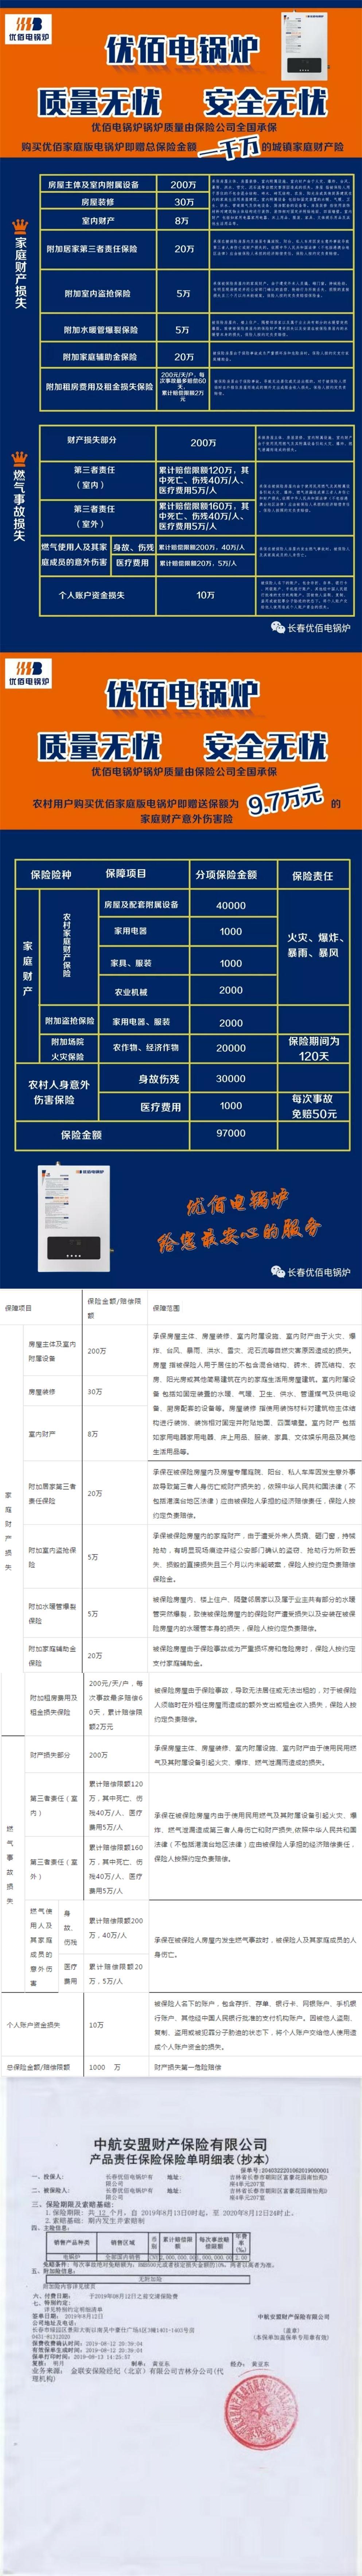 電亚游会官网